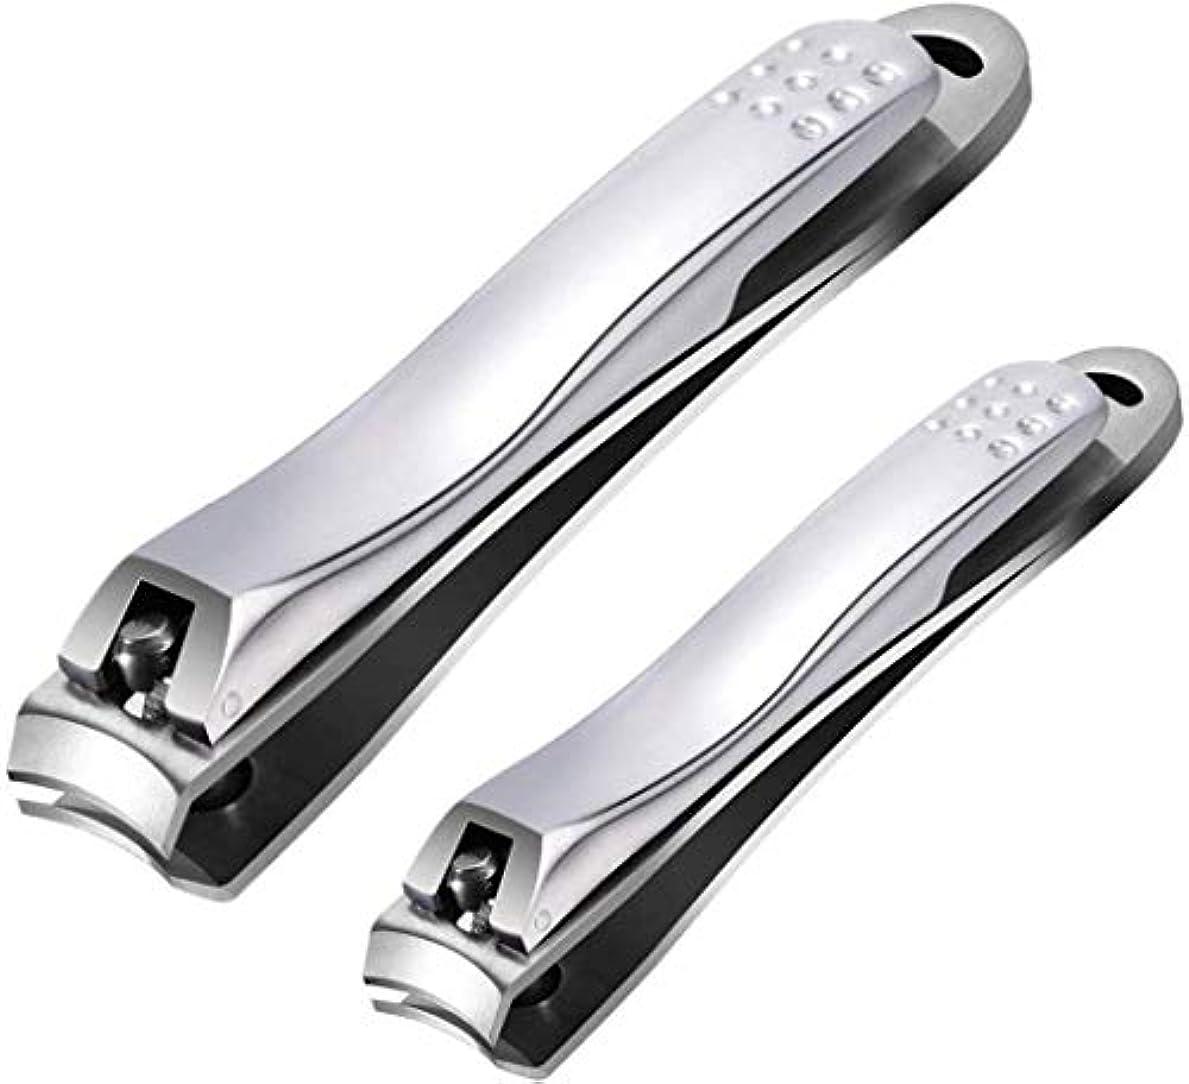 良い国民モックつめきり ステンレス製高級 爪切り 爪やすり付き 手足はがね ツメキリ 握りやすい スパット切れる レザーケース付き付属 (2サイズ)